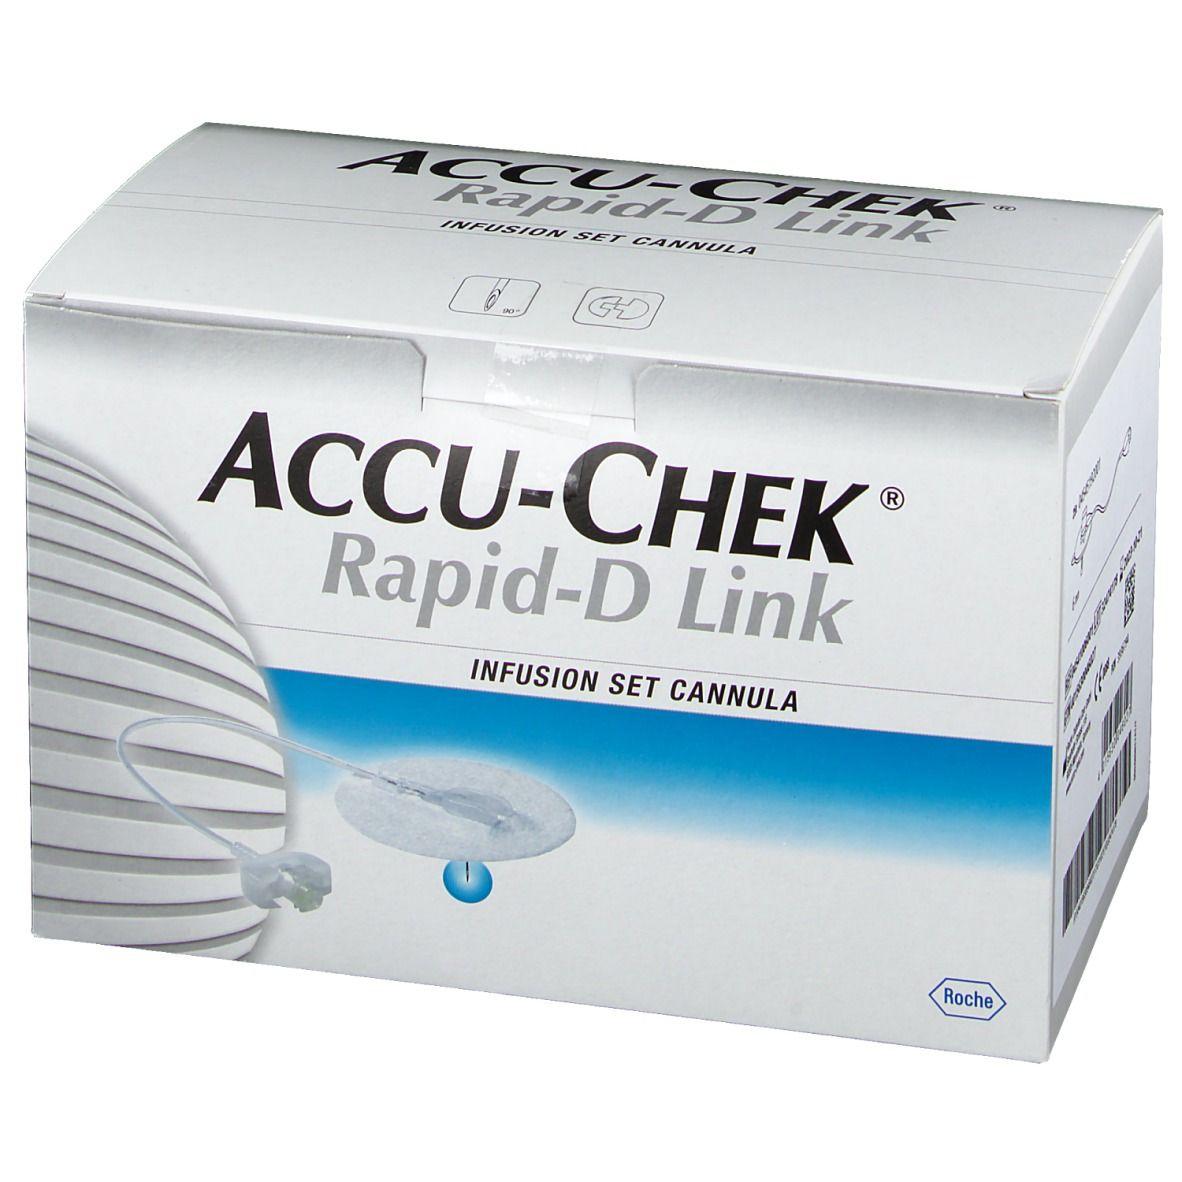 ACCU-CHEK® Rapid-D Link Kanüle 6 mm